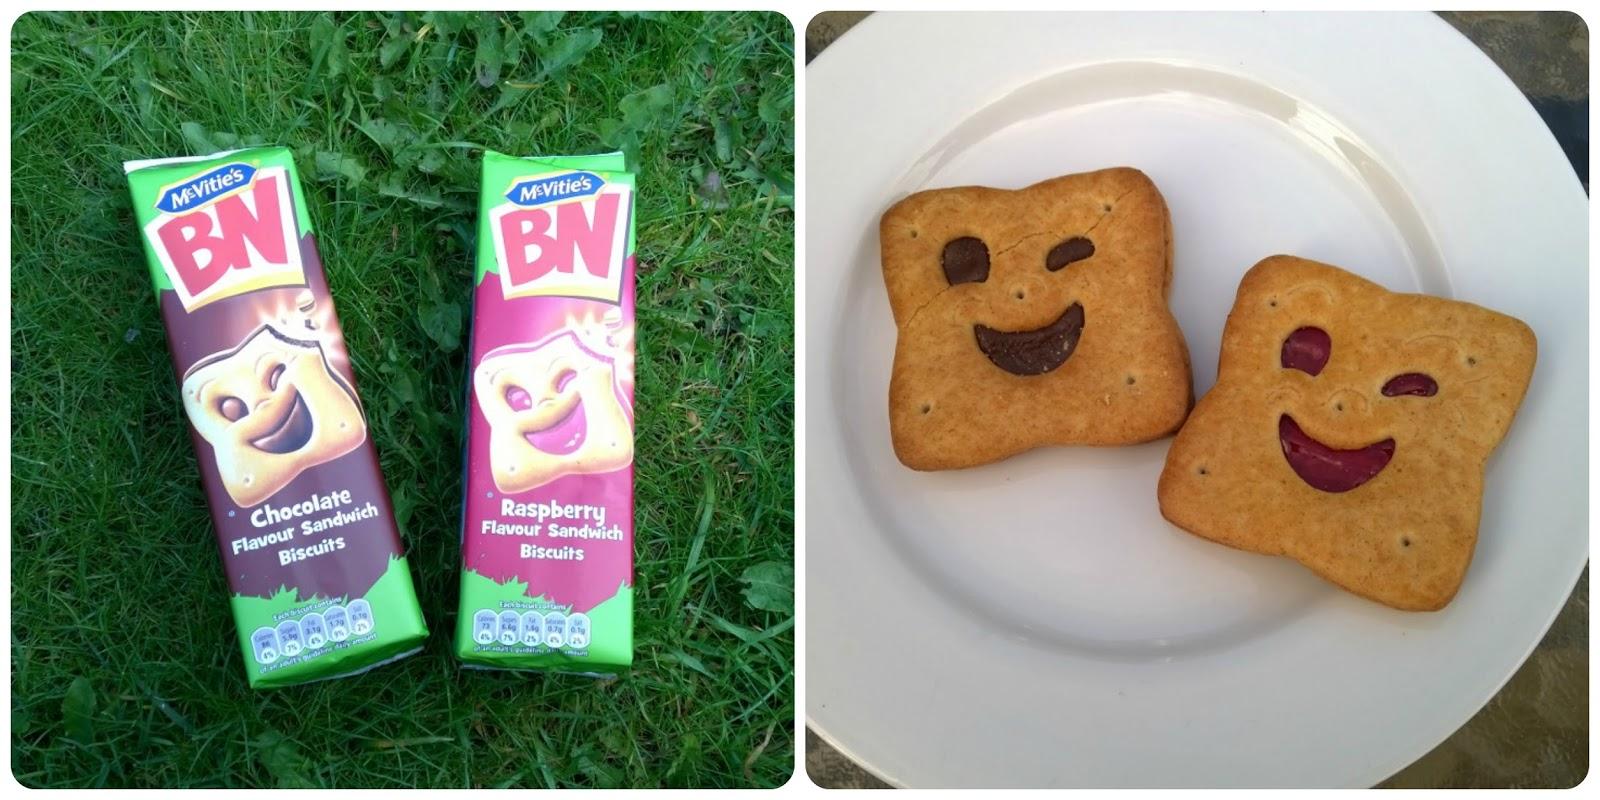 McVitie's BN Biscuits